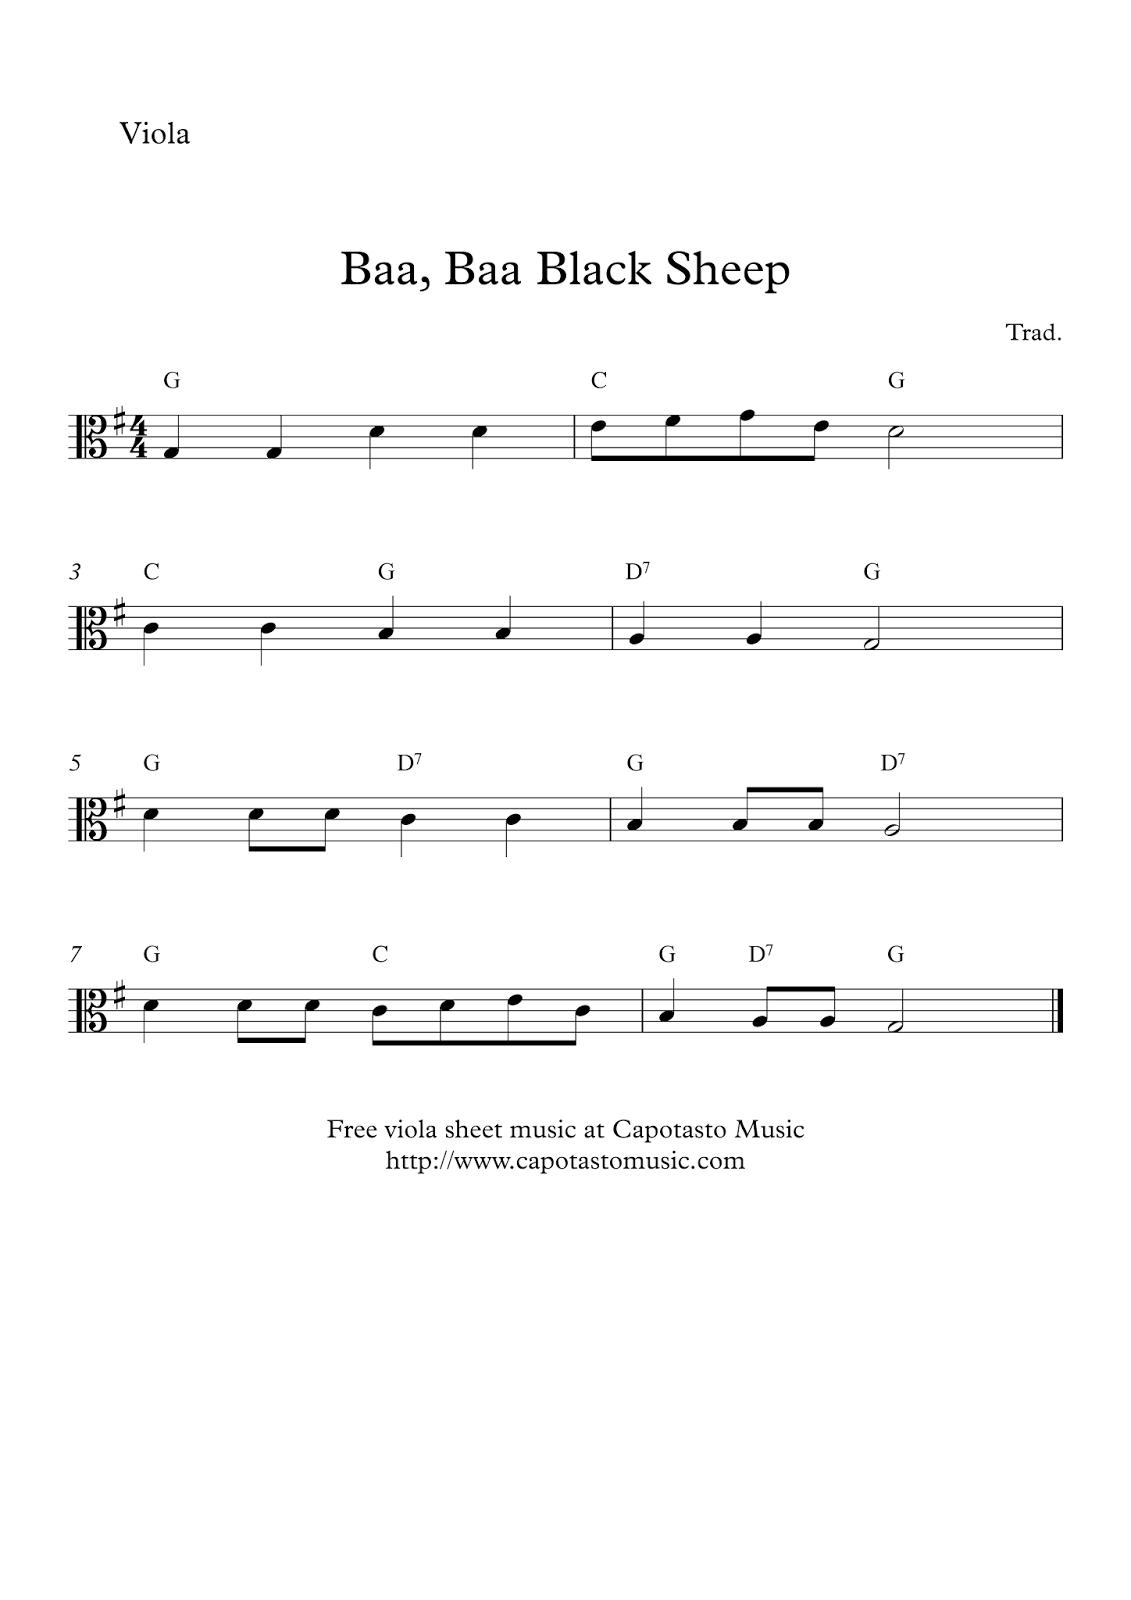 Free Printable Sheet Music